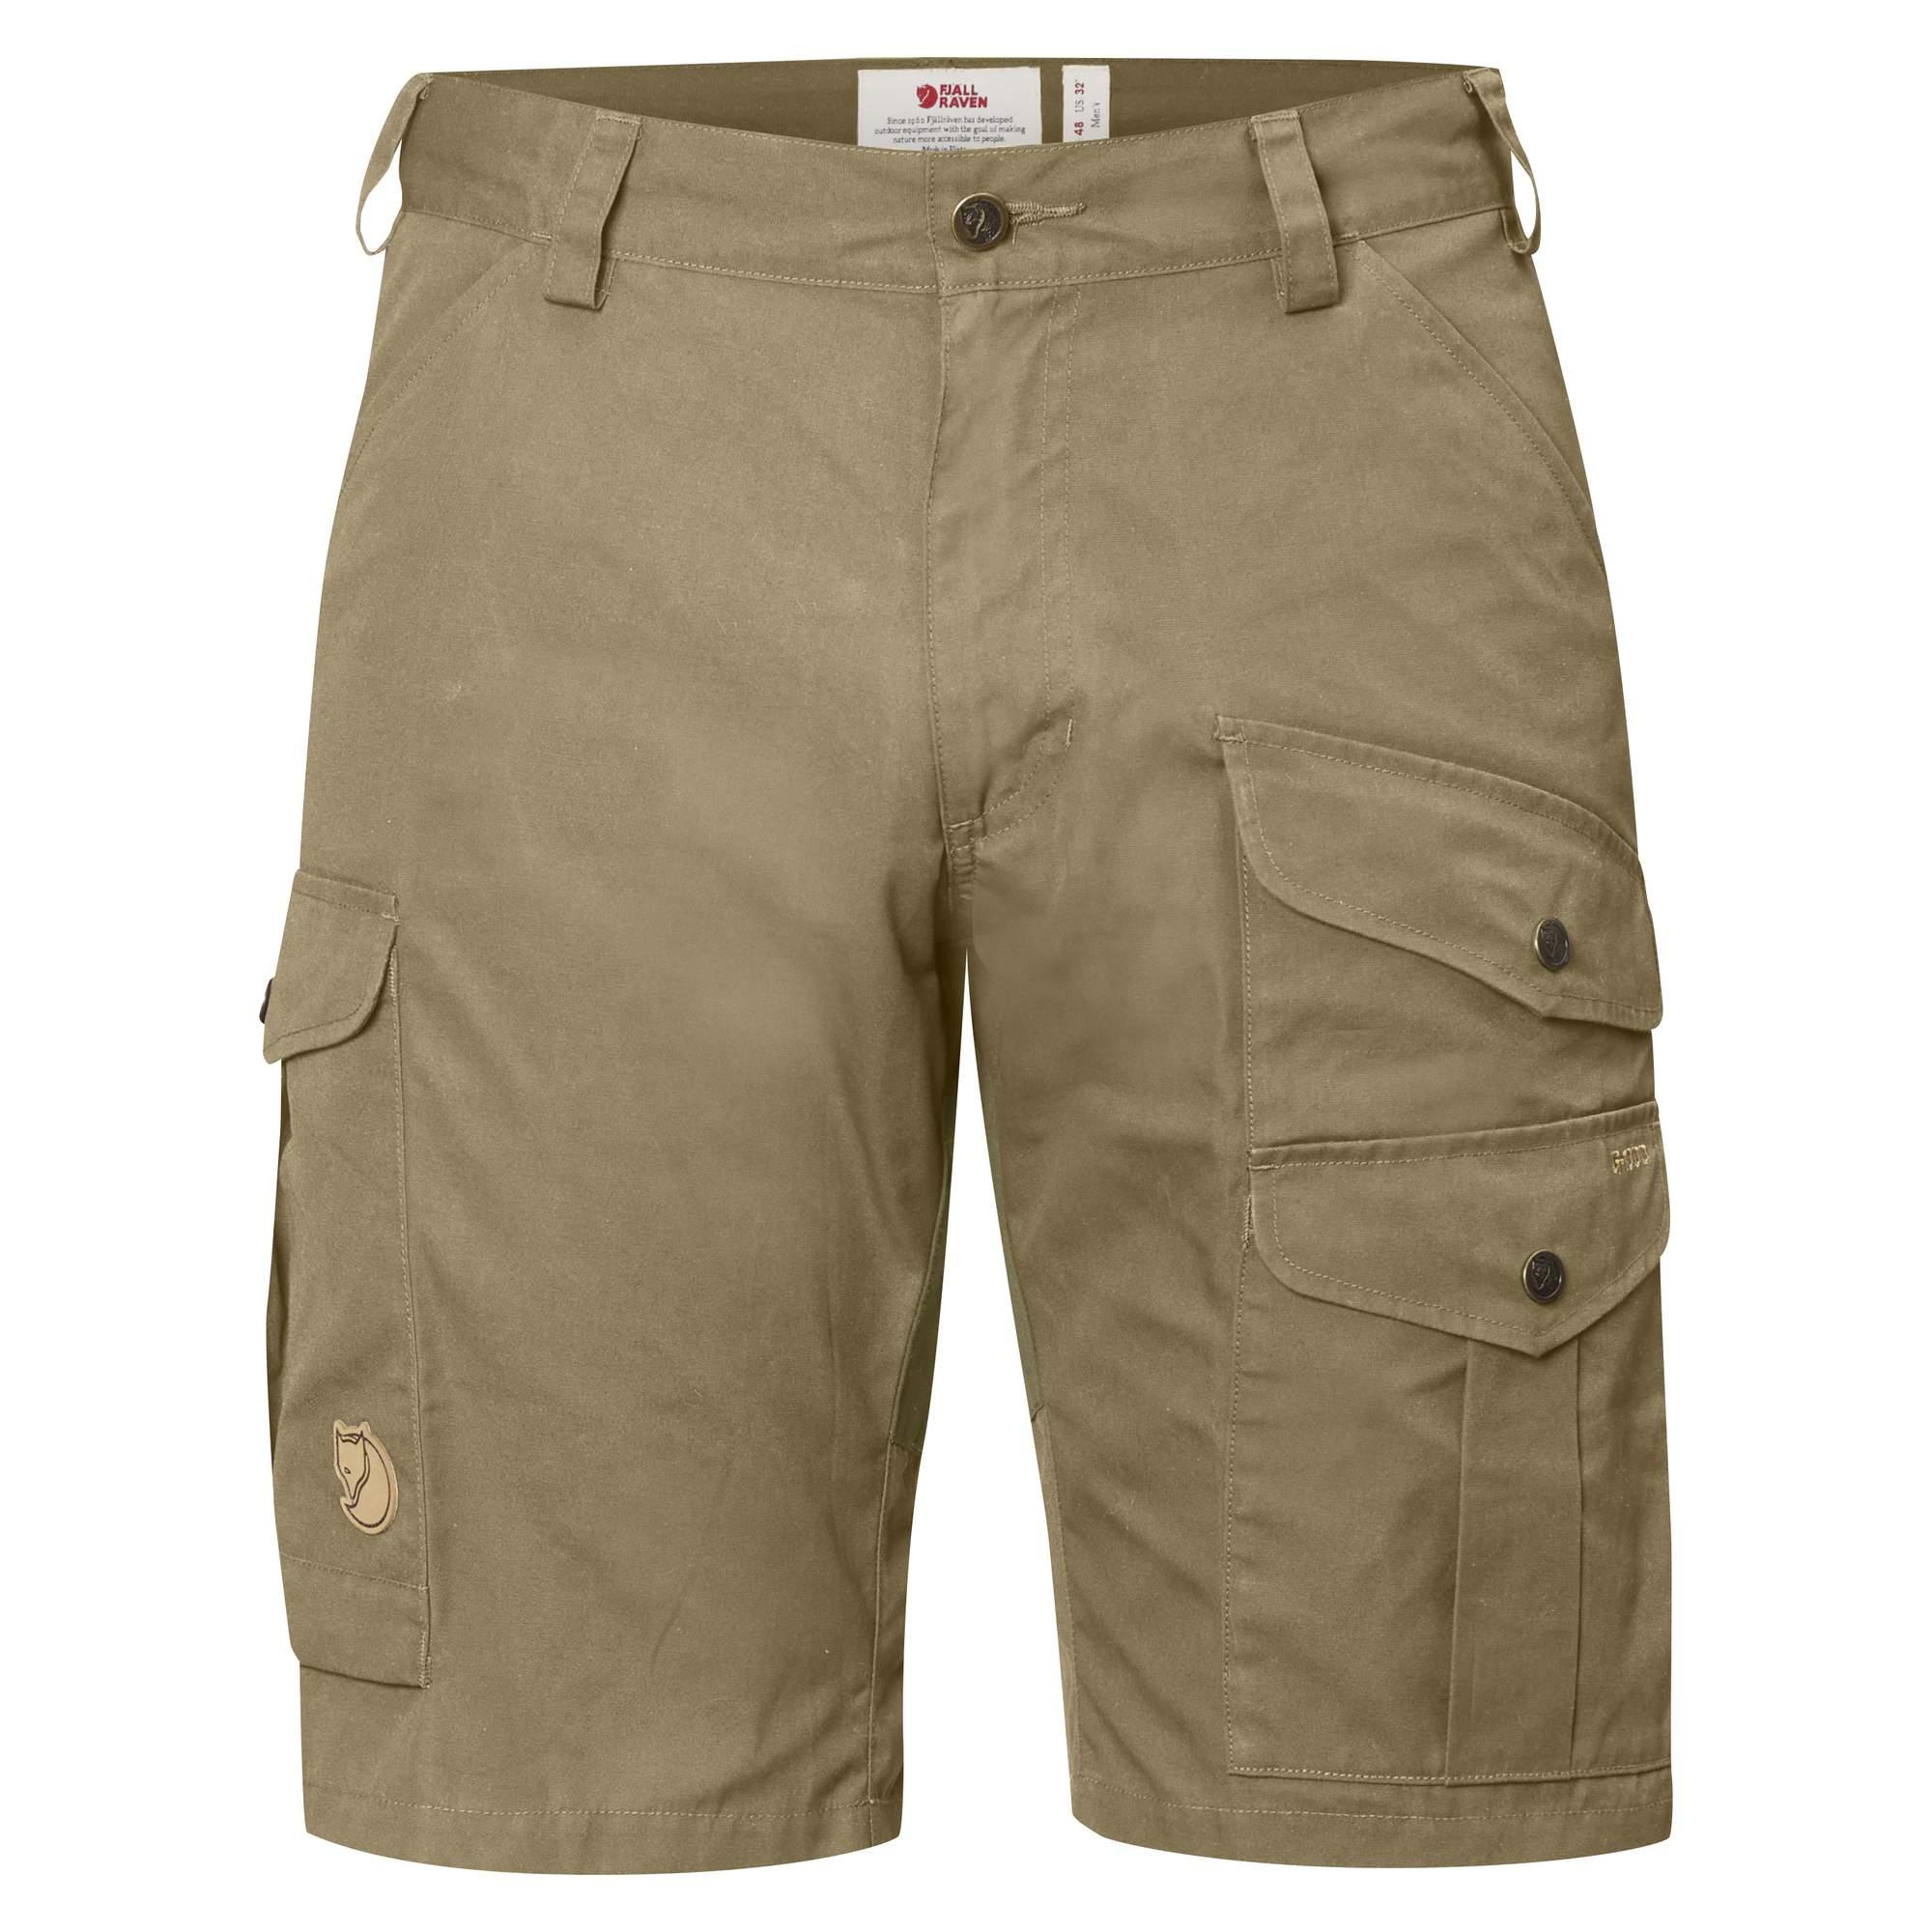 Barents Pro Short  - Men's